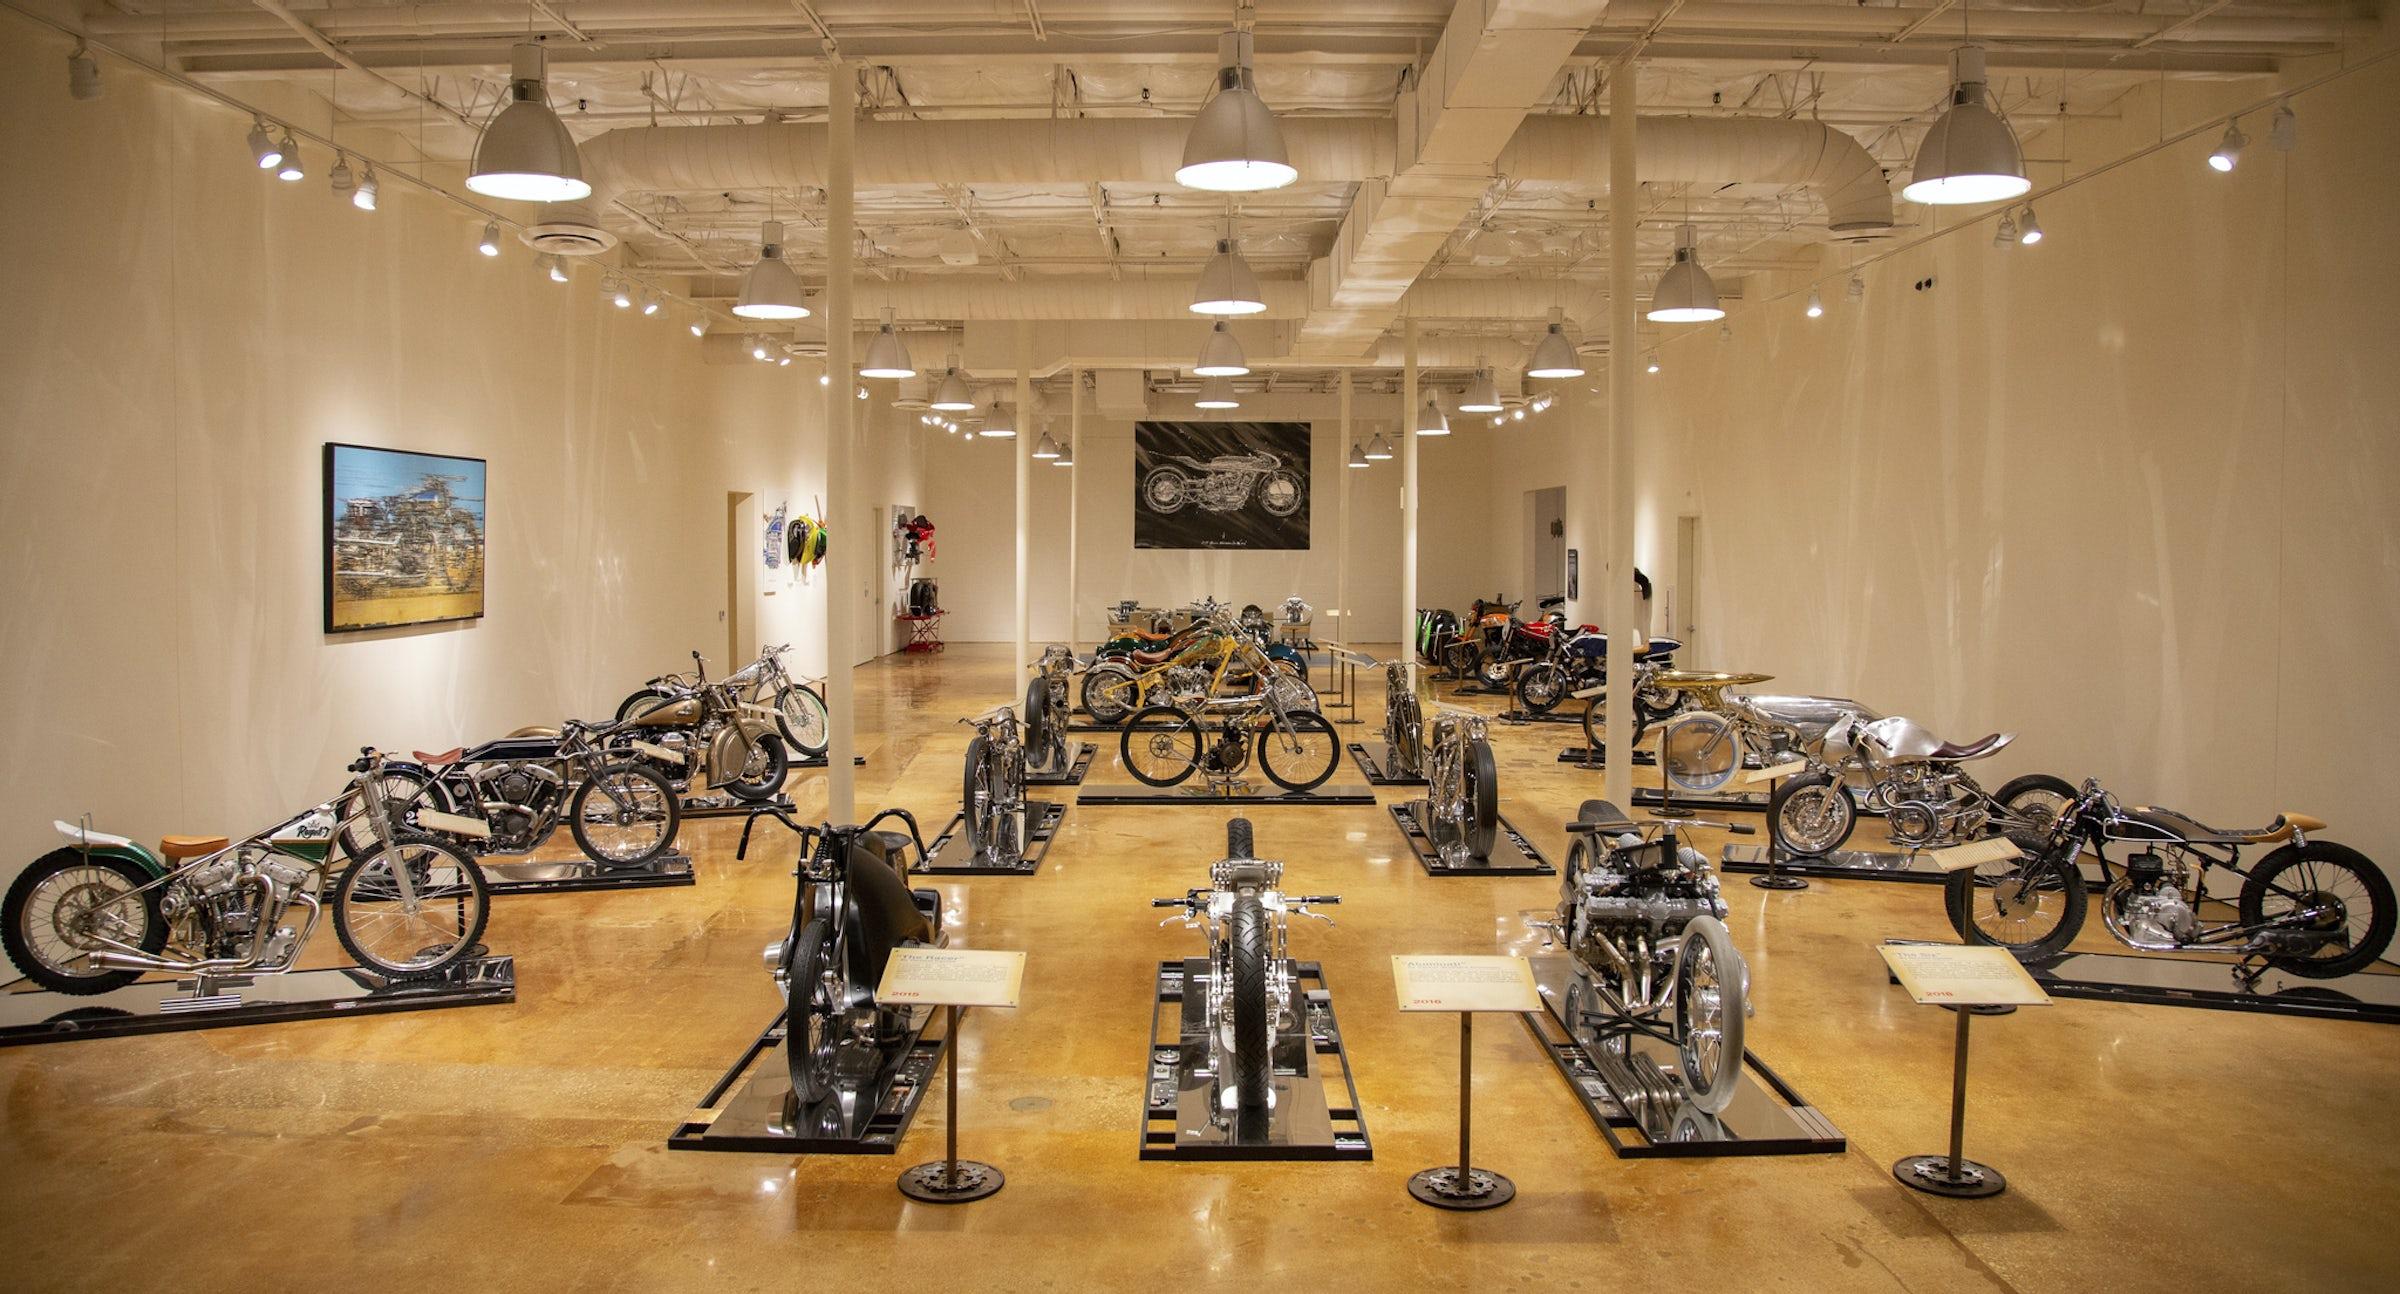 HAAS Moto Museum in Beyond Dallas